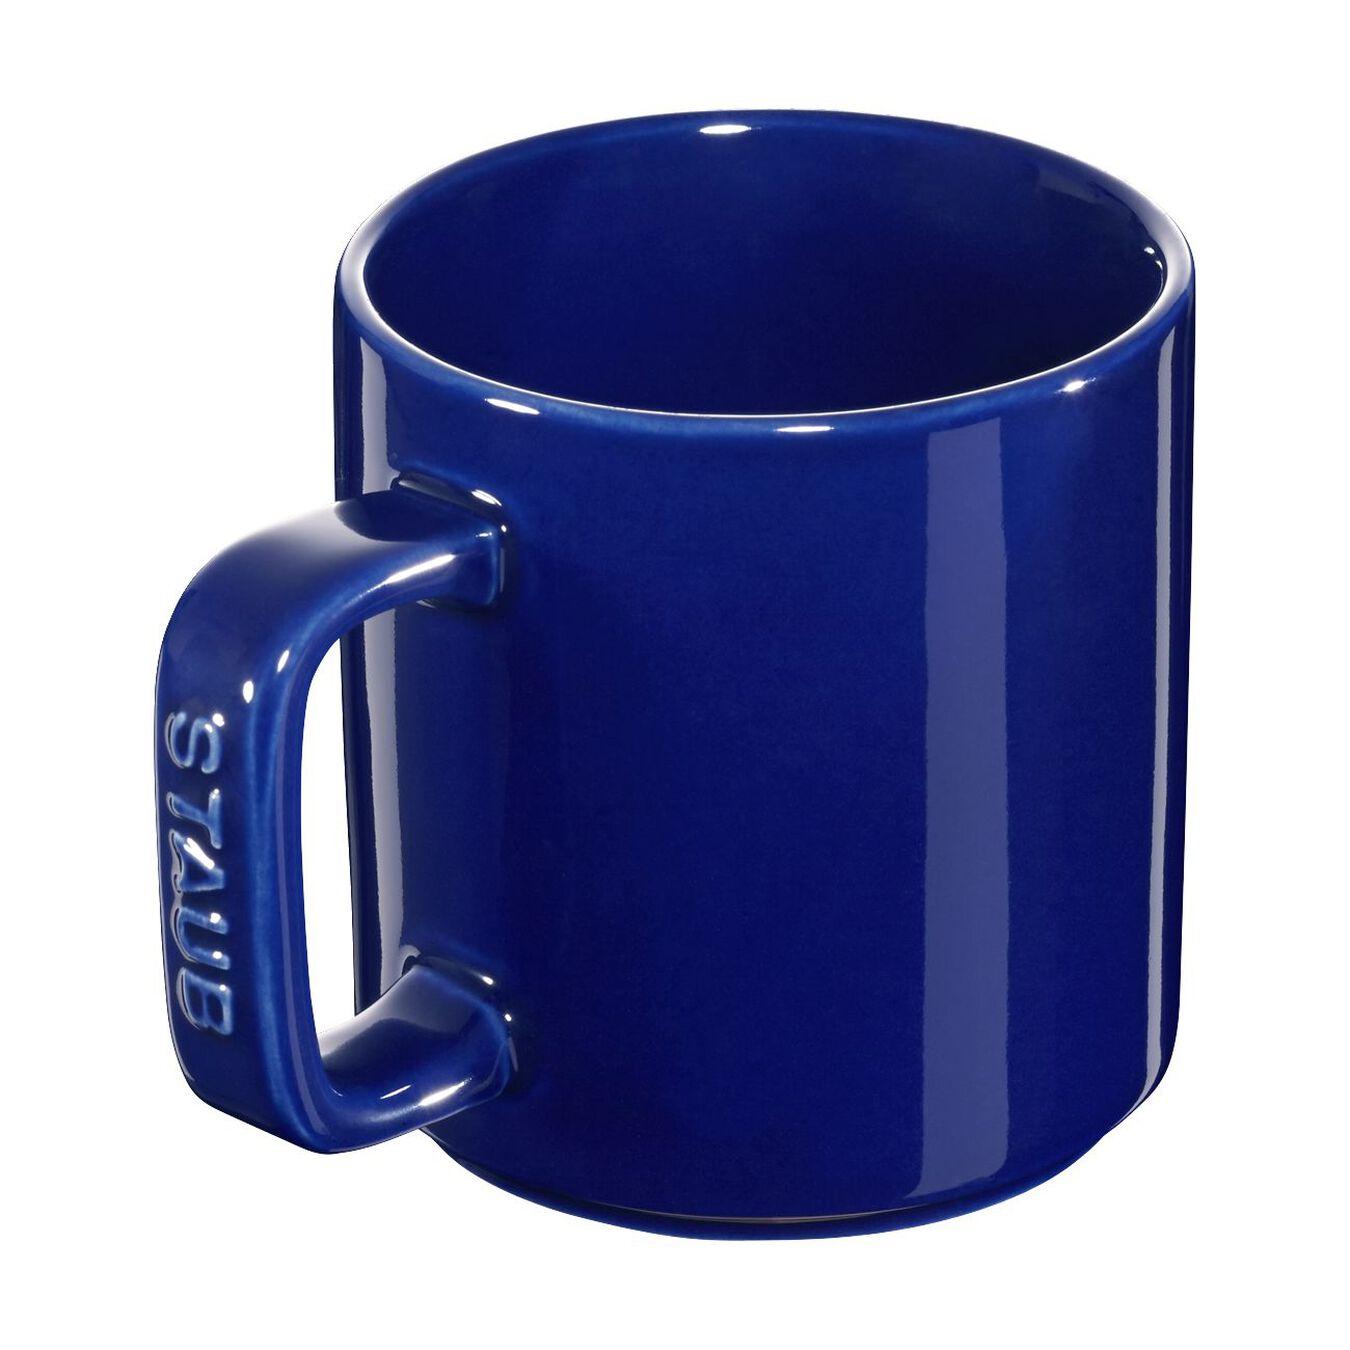 Mug set, 2 Piece,,large 1